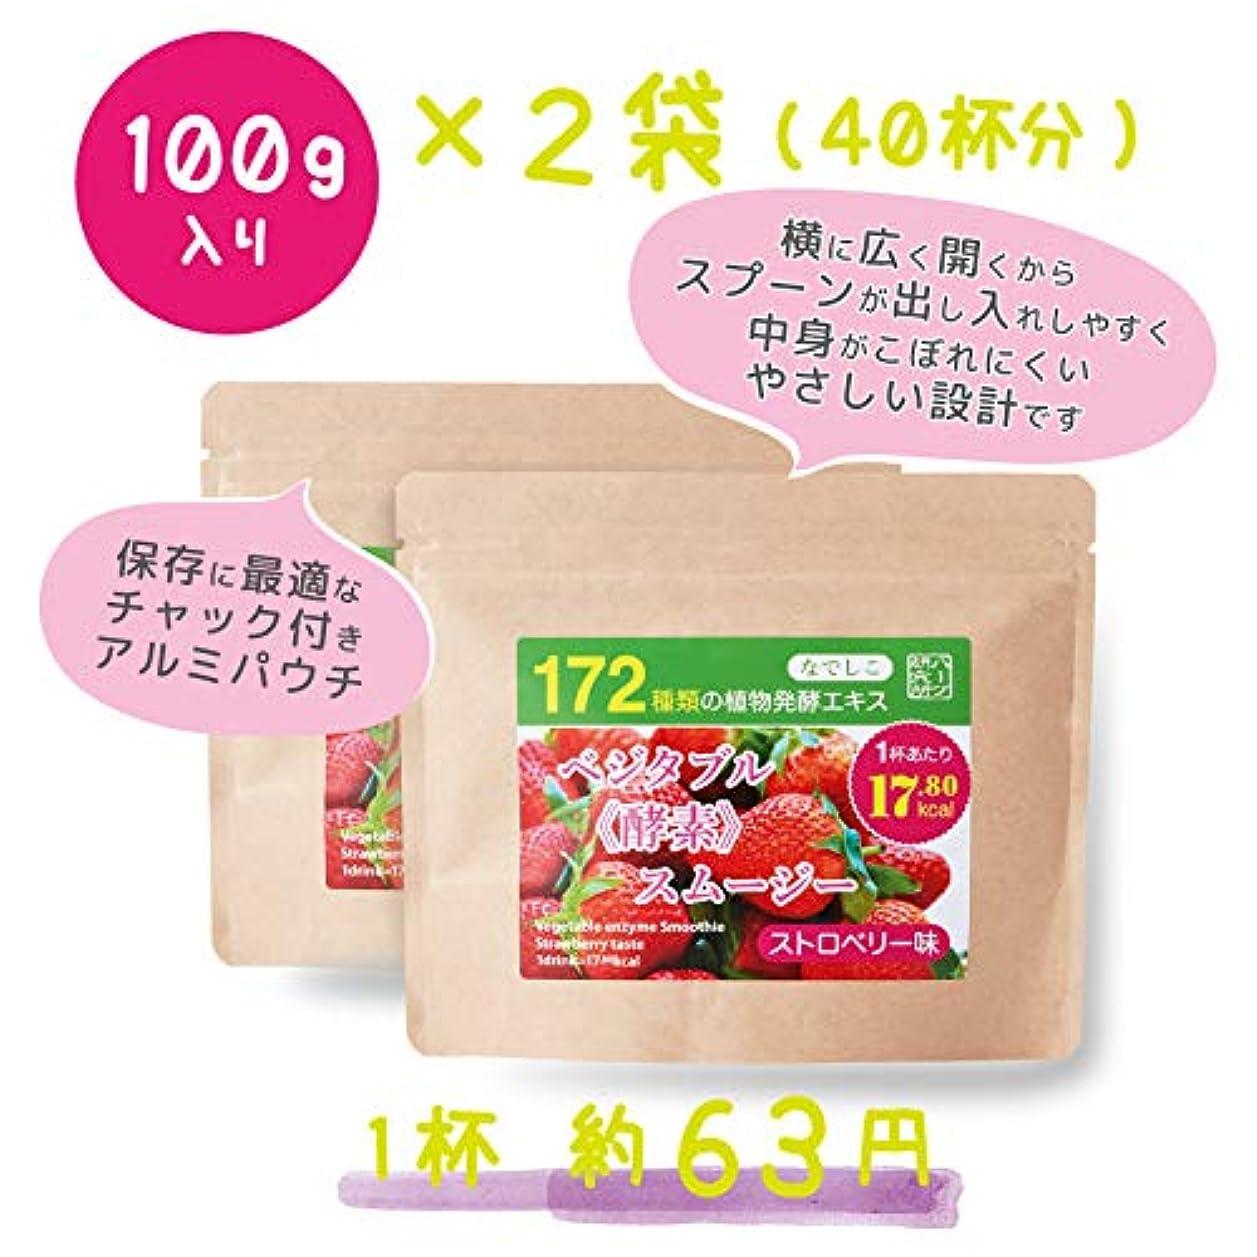 同封する検査流すグリーン酵素ダイエットスムージー(ストロベリー味)200g (100g×2パック)で10%OFF